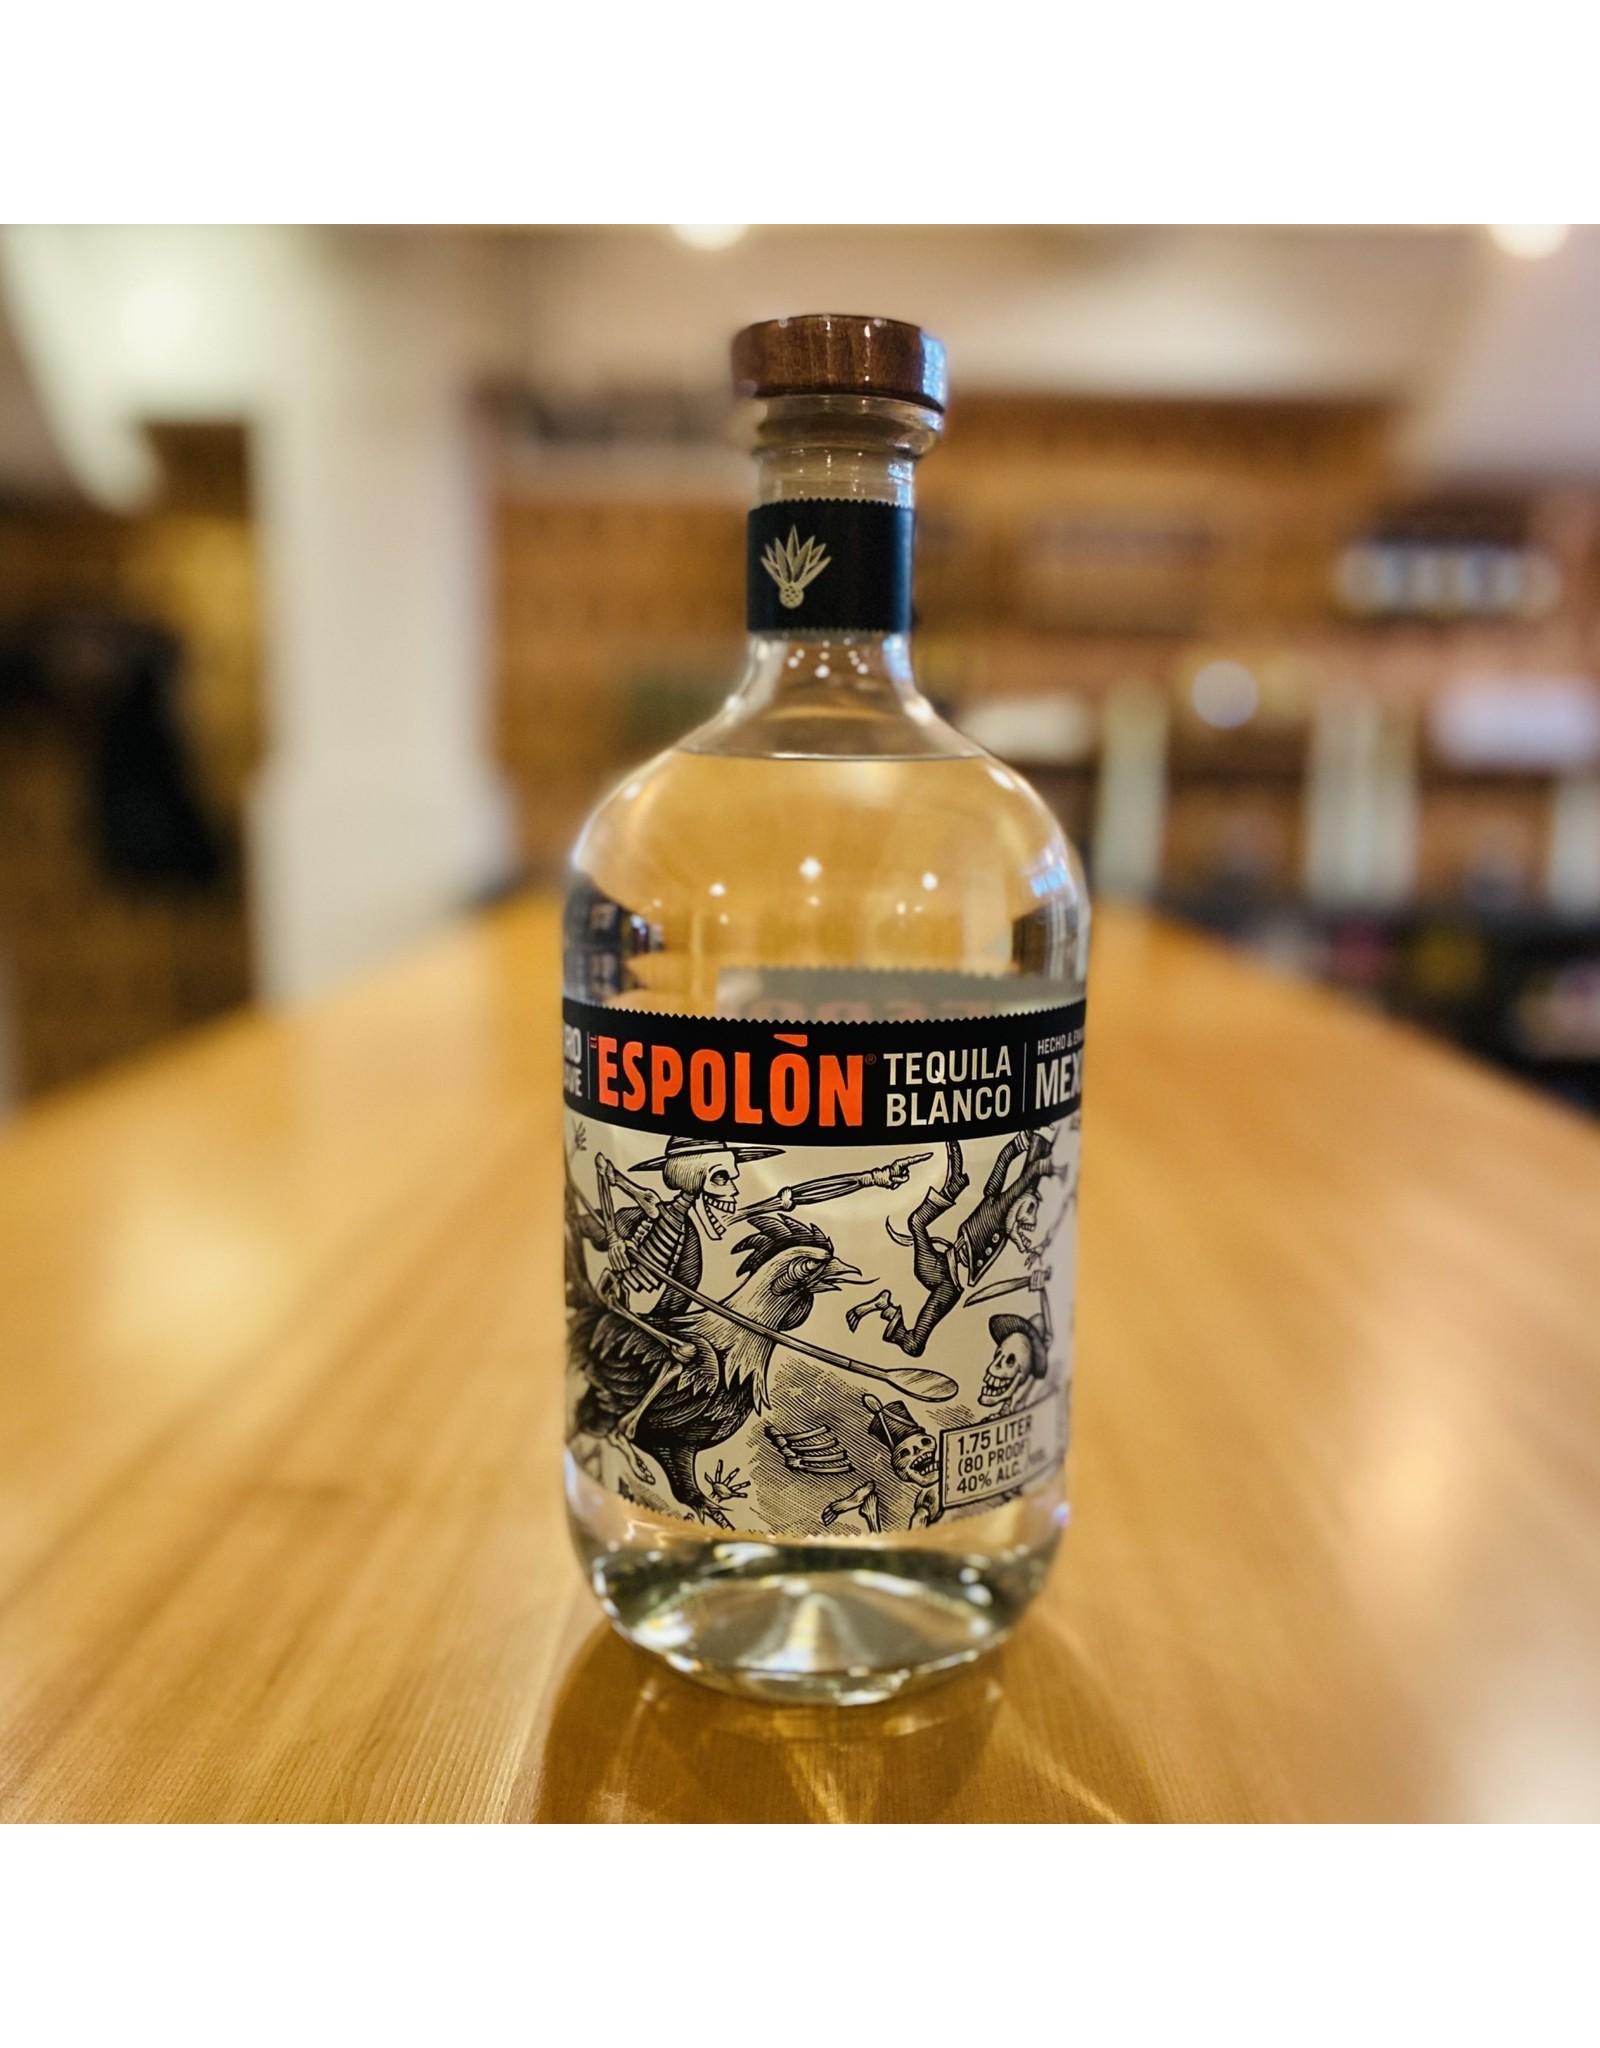 El Espolon Tequila Blanco 1.75 Liter - Jalisco, Mexico